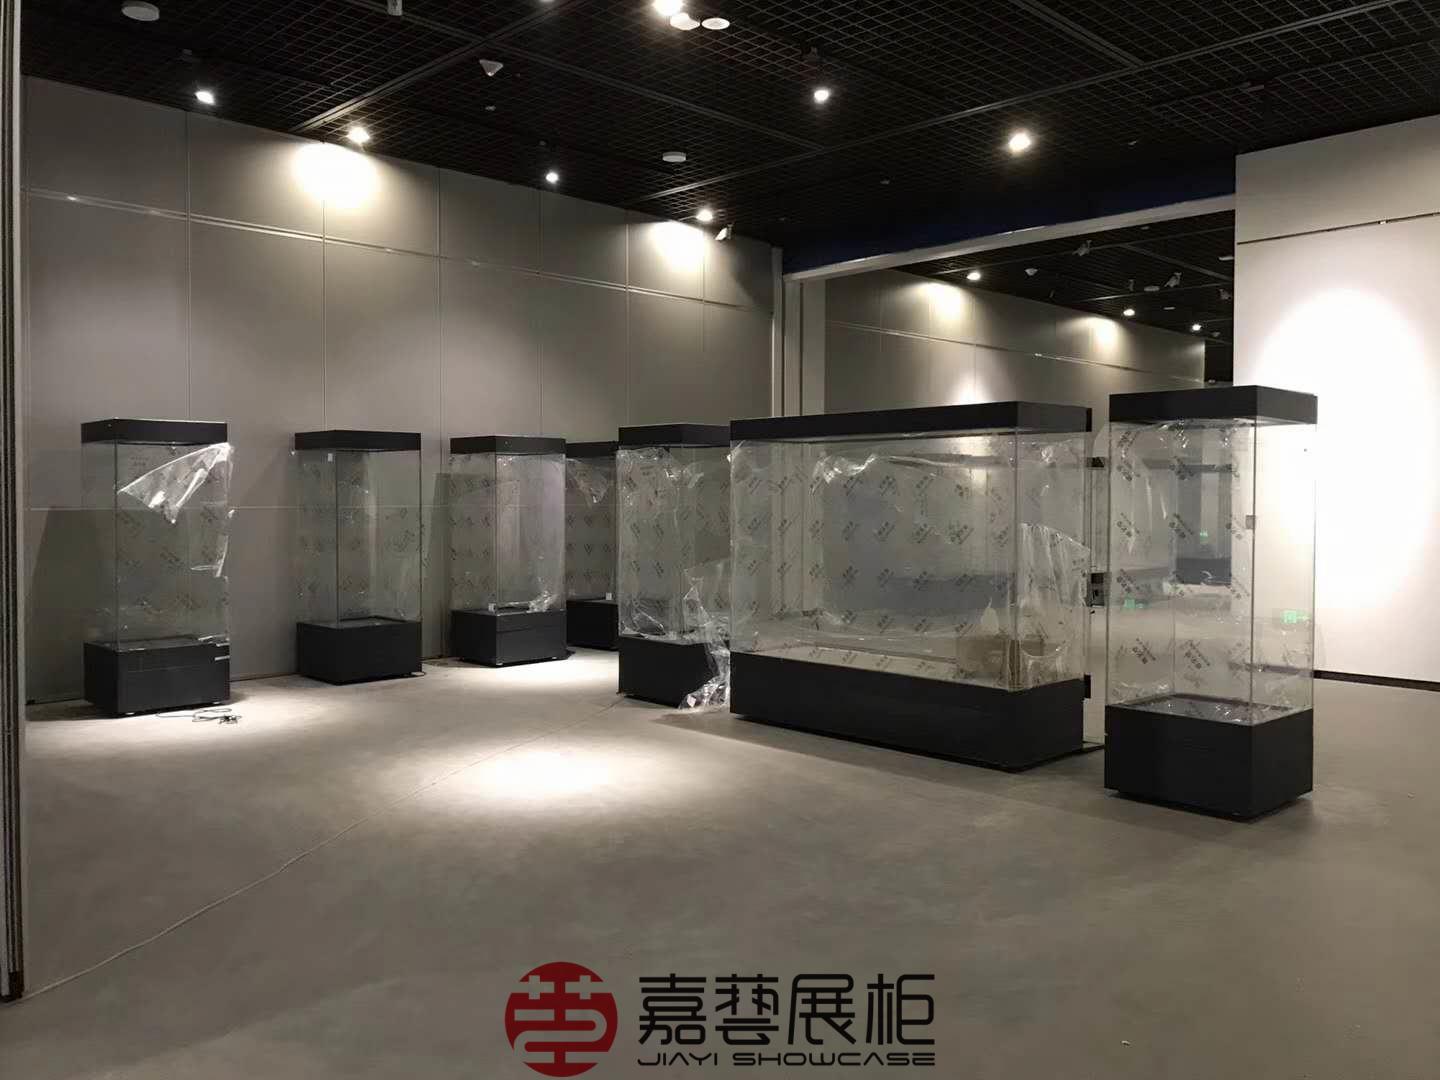 博物馆展柜对展放文物的影响以及博物馆展柜技术指标